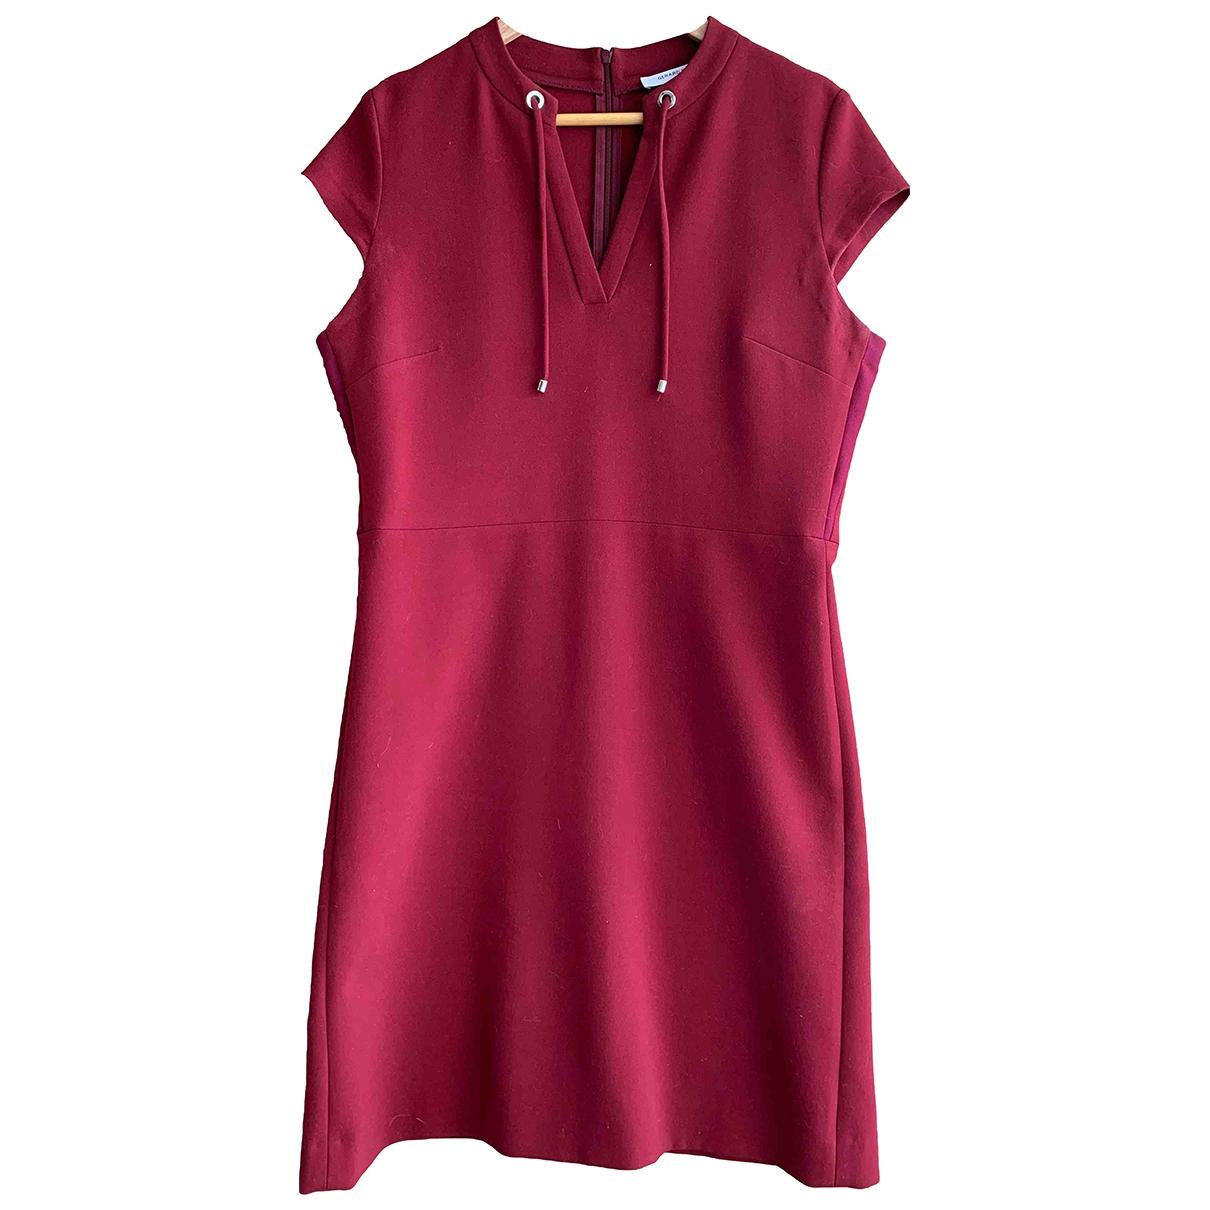 Gerard Darel \N Kleid in  Bordeauxrot Polyester